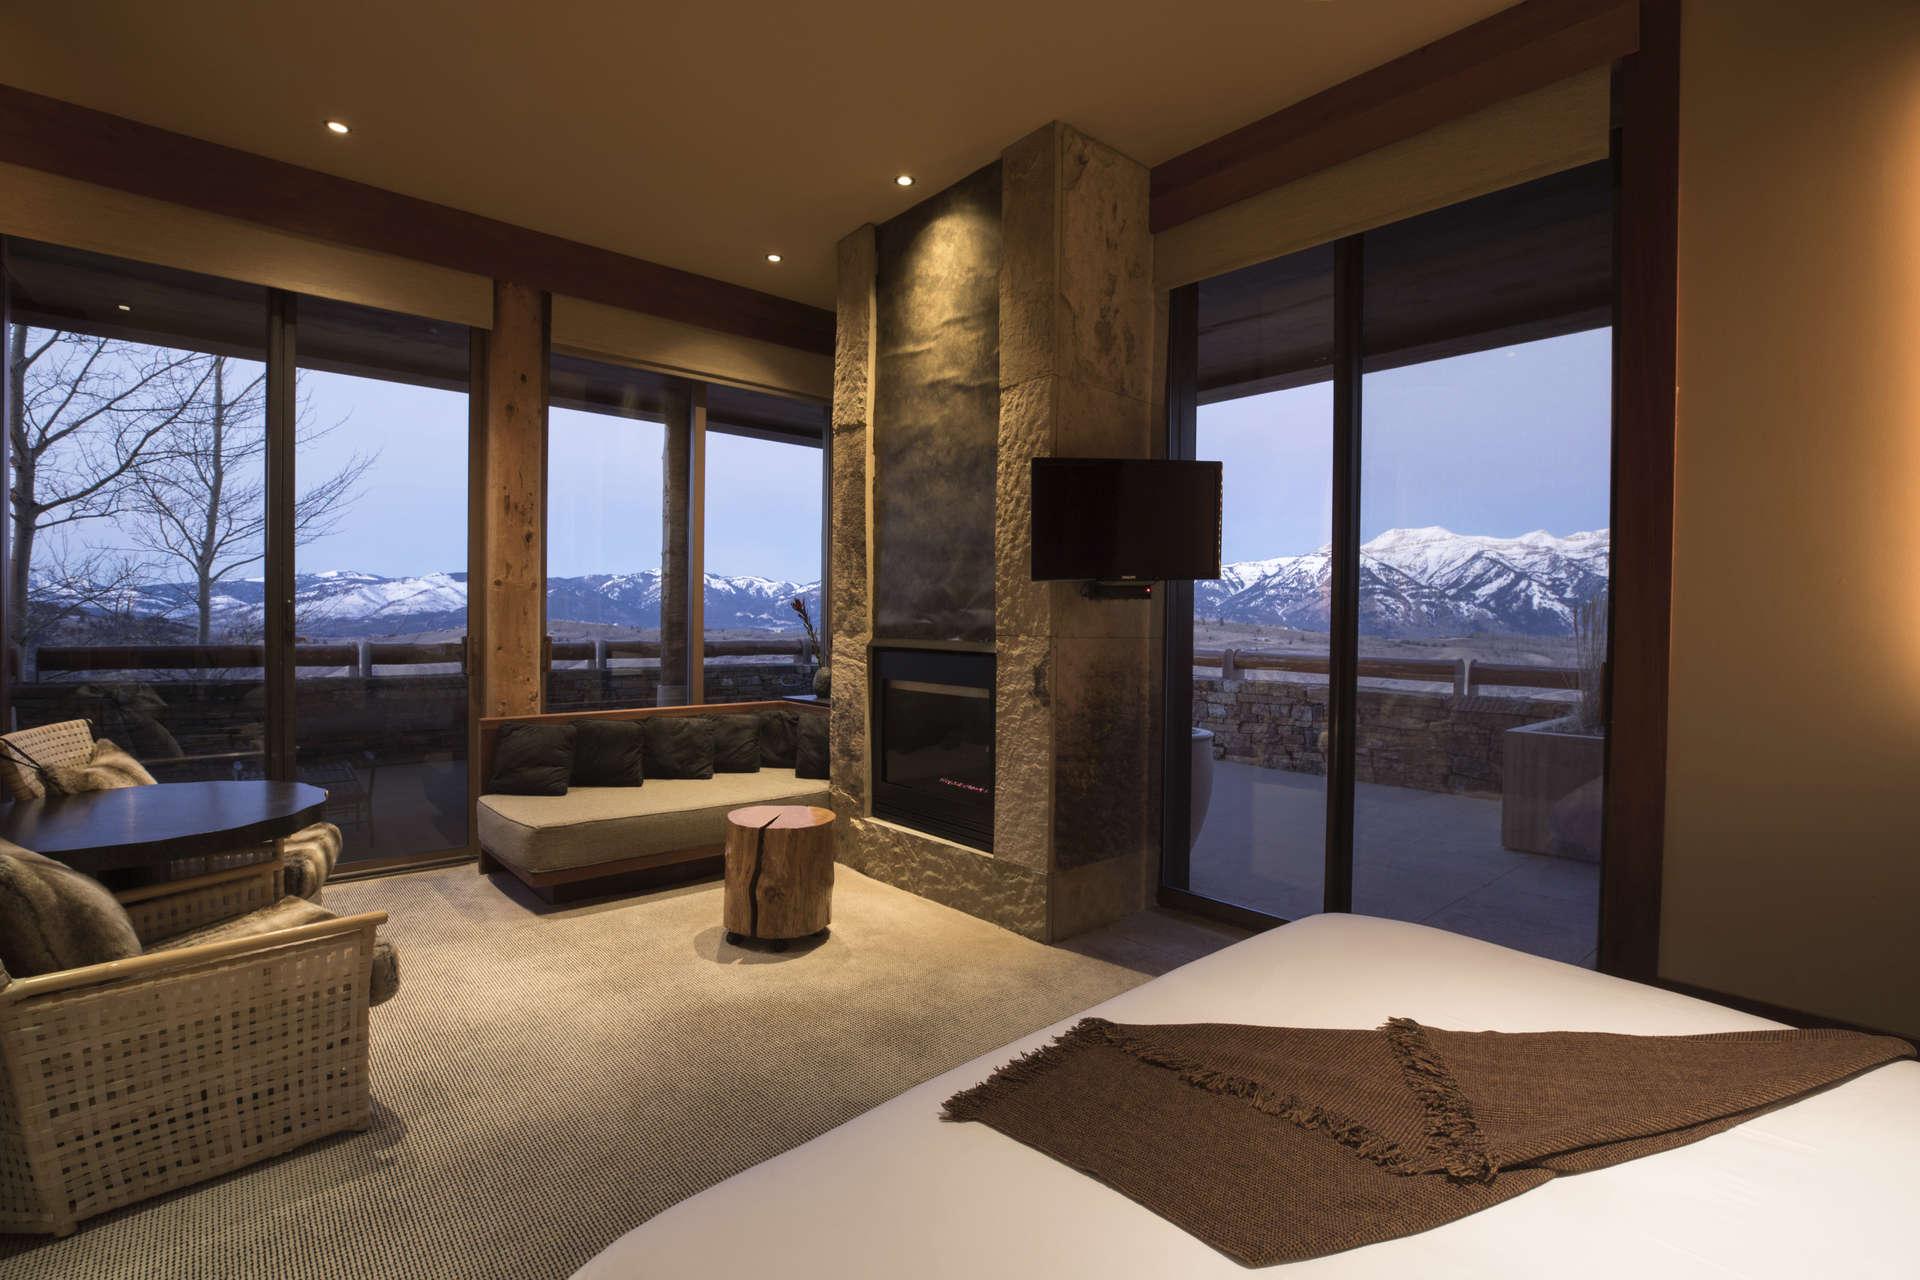 Luxury vacation rentals usa - Wyoming - Jackson hole - Amangani Shoshone Suite - Image 1/6